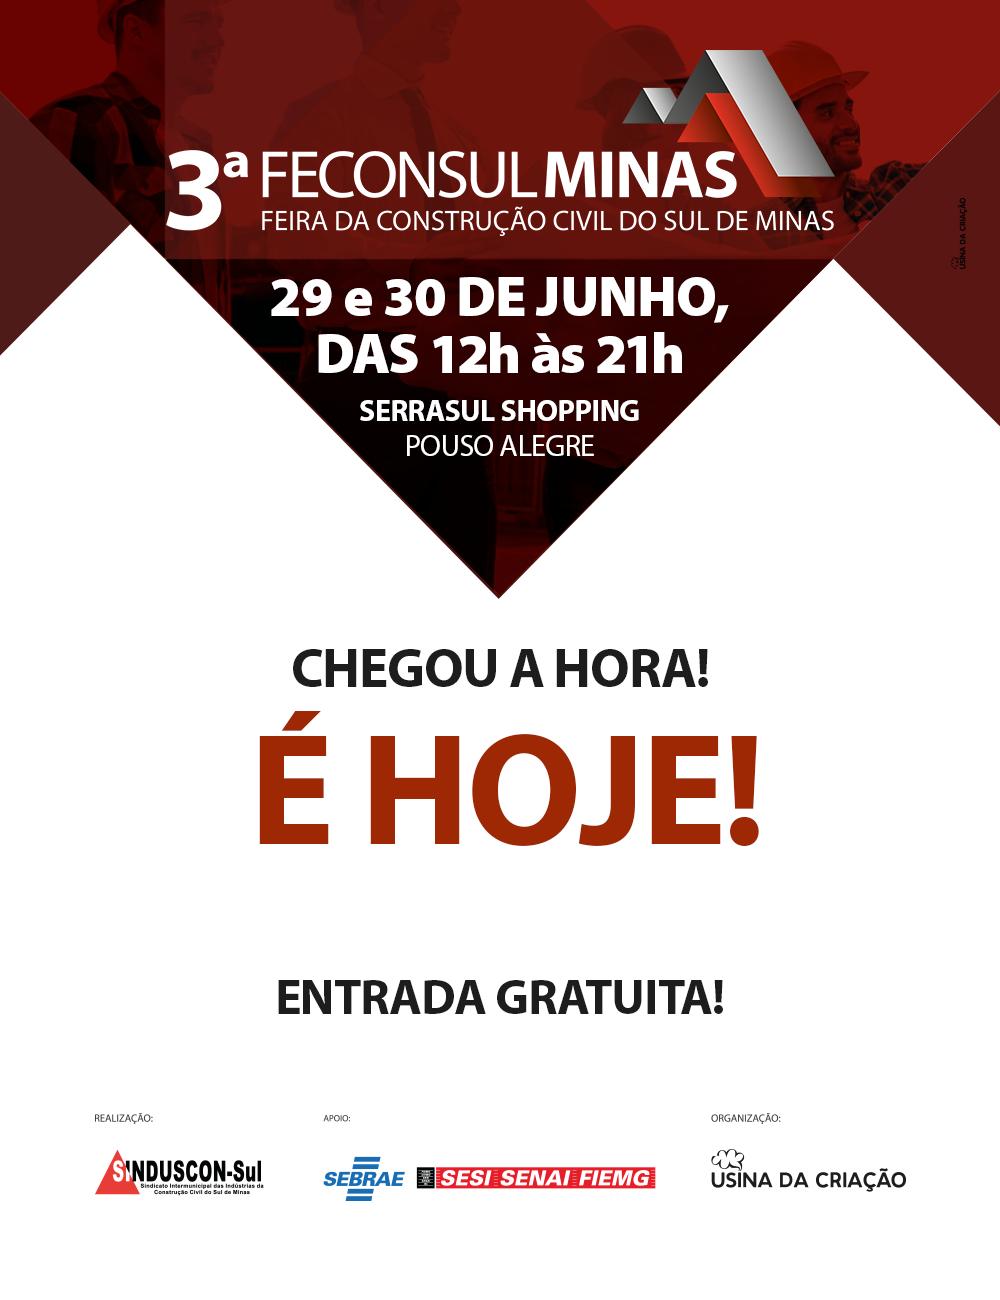 3ª Feconsulminas - Feira da Construção Civil do Sul de Minas